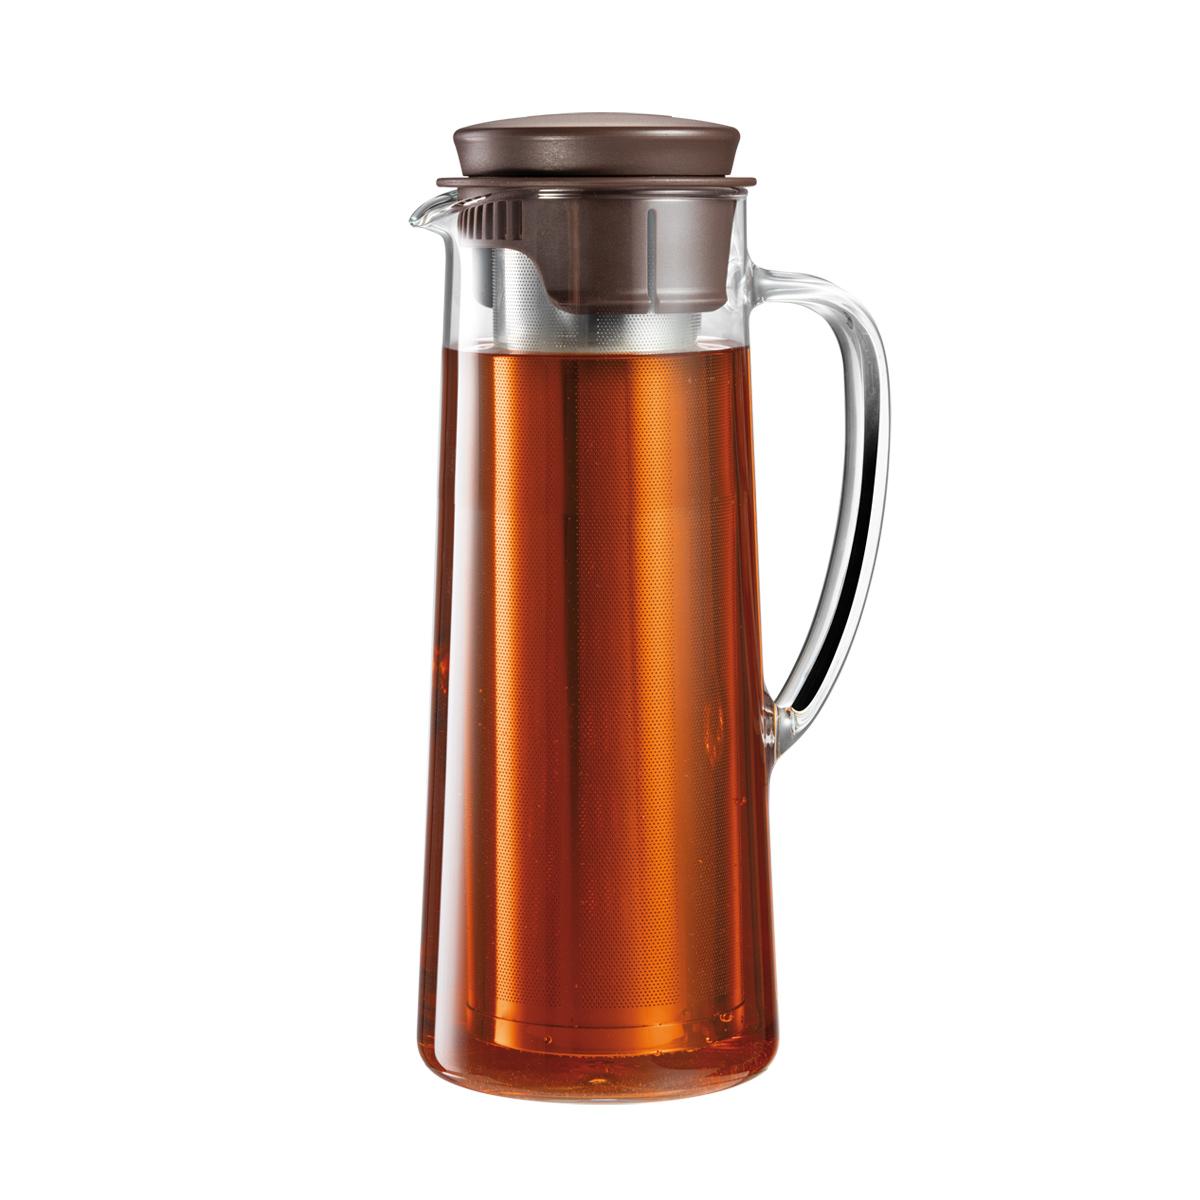 Konvice pro přípravu kávy a čaje zastudena TEO 1,0 l